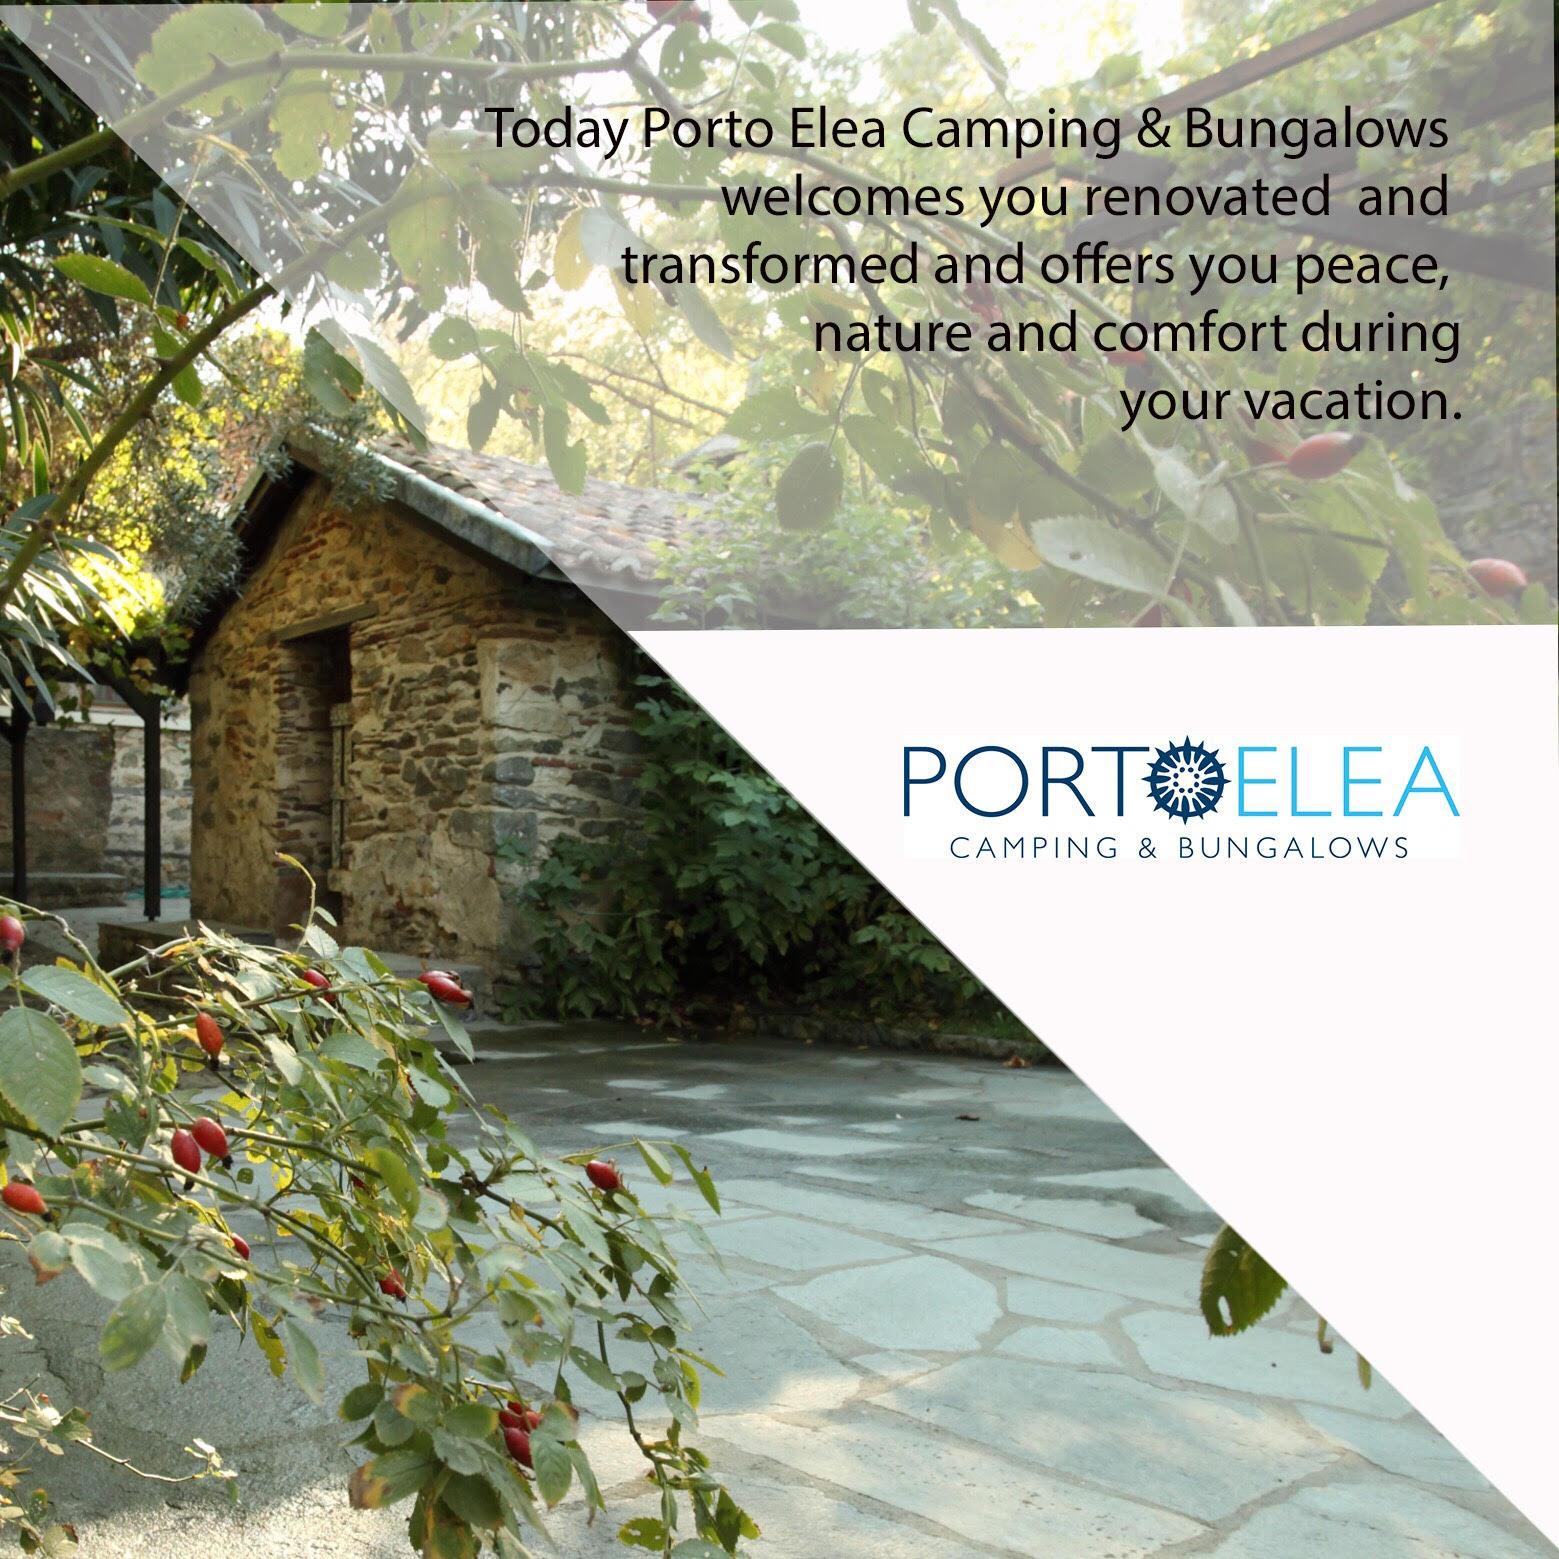 Порто Елеа - едно райско кътче за ценителите./сн: Прес инфо